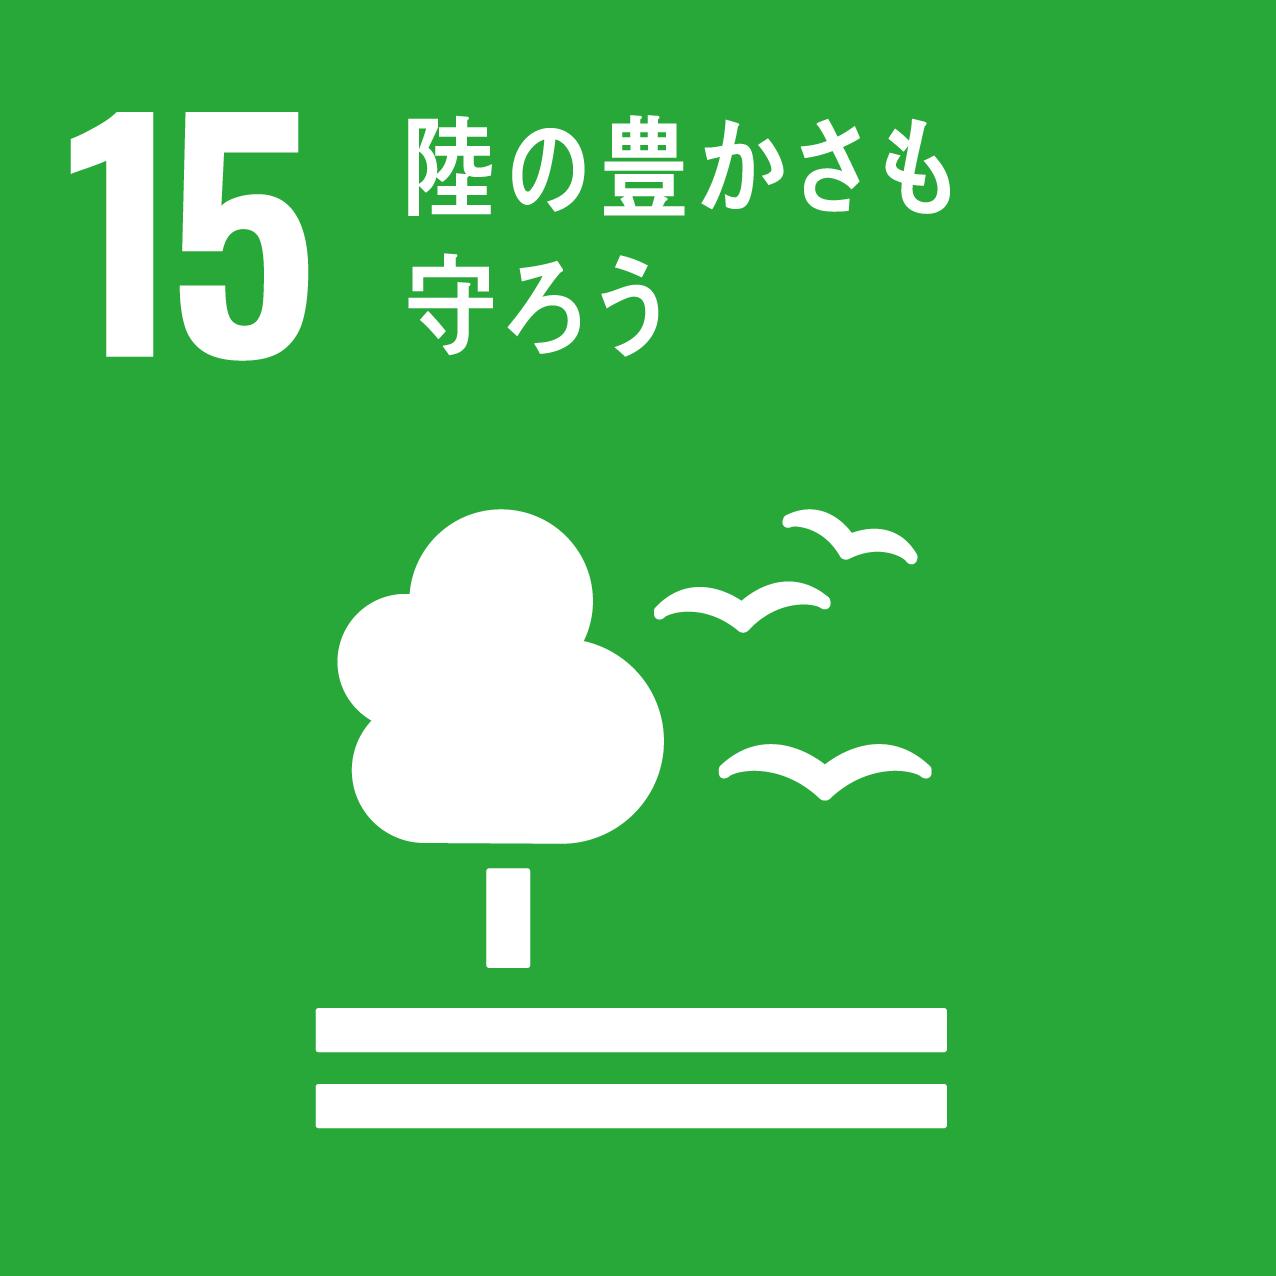 森林や土壌の保護をはじめ、環境を守る活動を推進します。